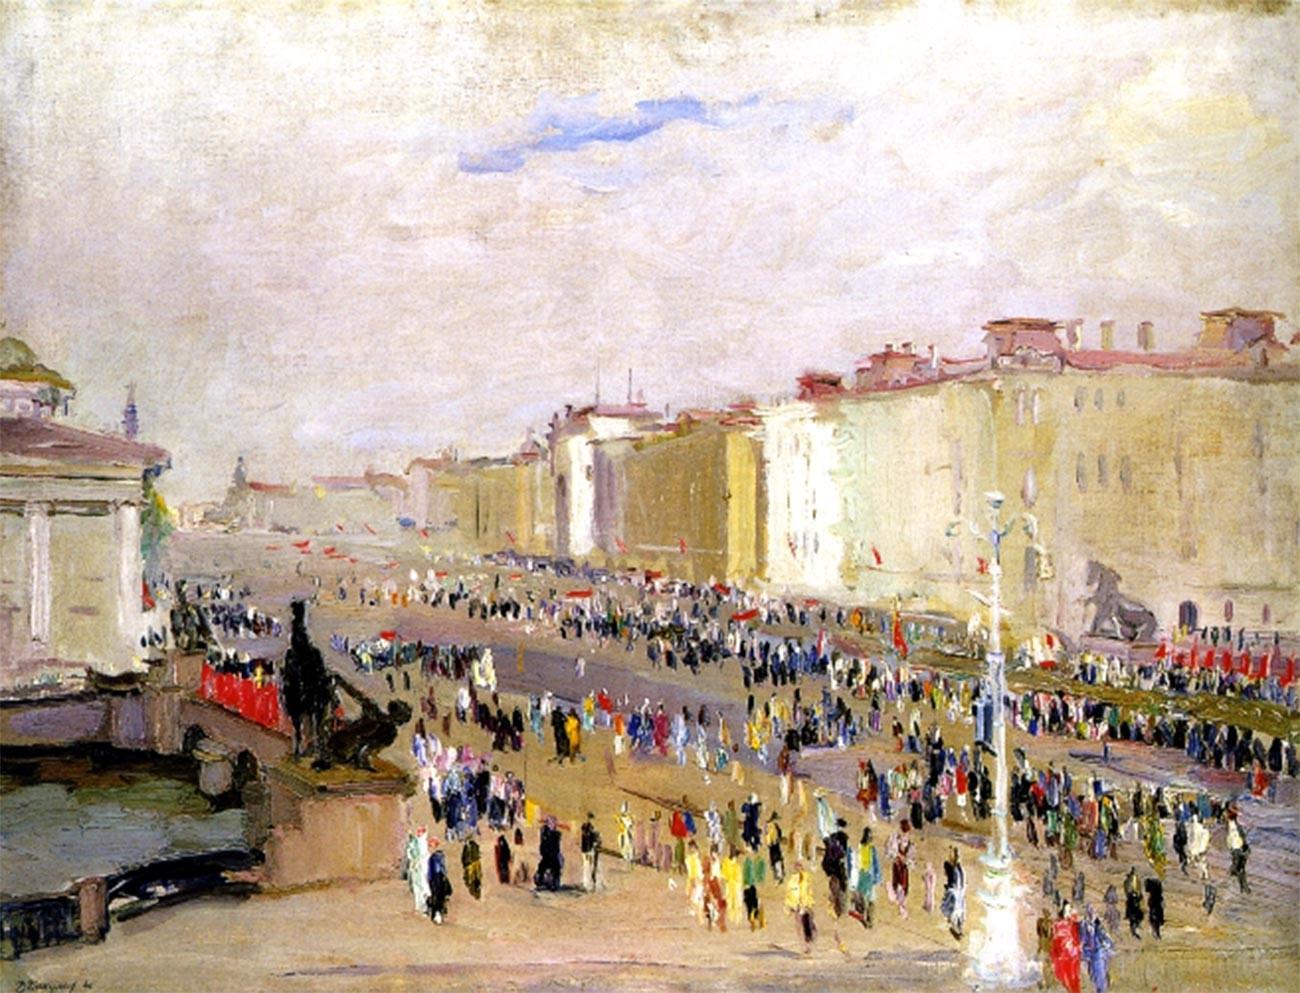 1945年7月9日の祝日のネフスキー大通り